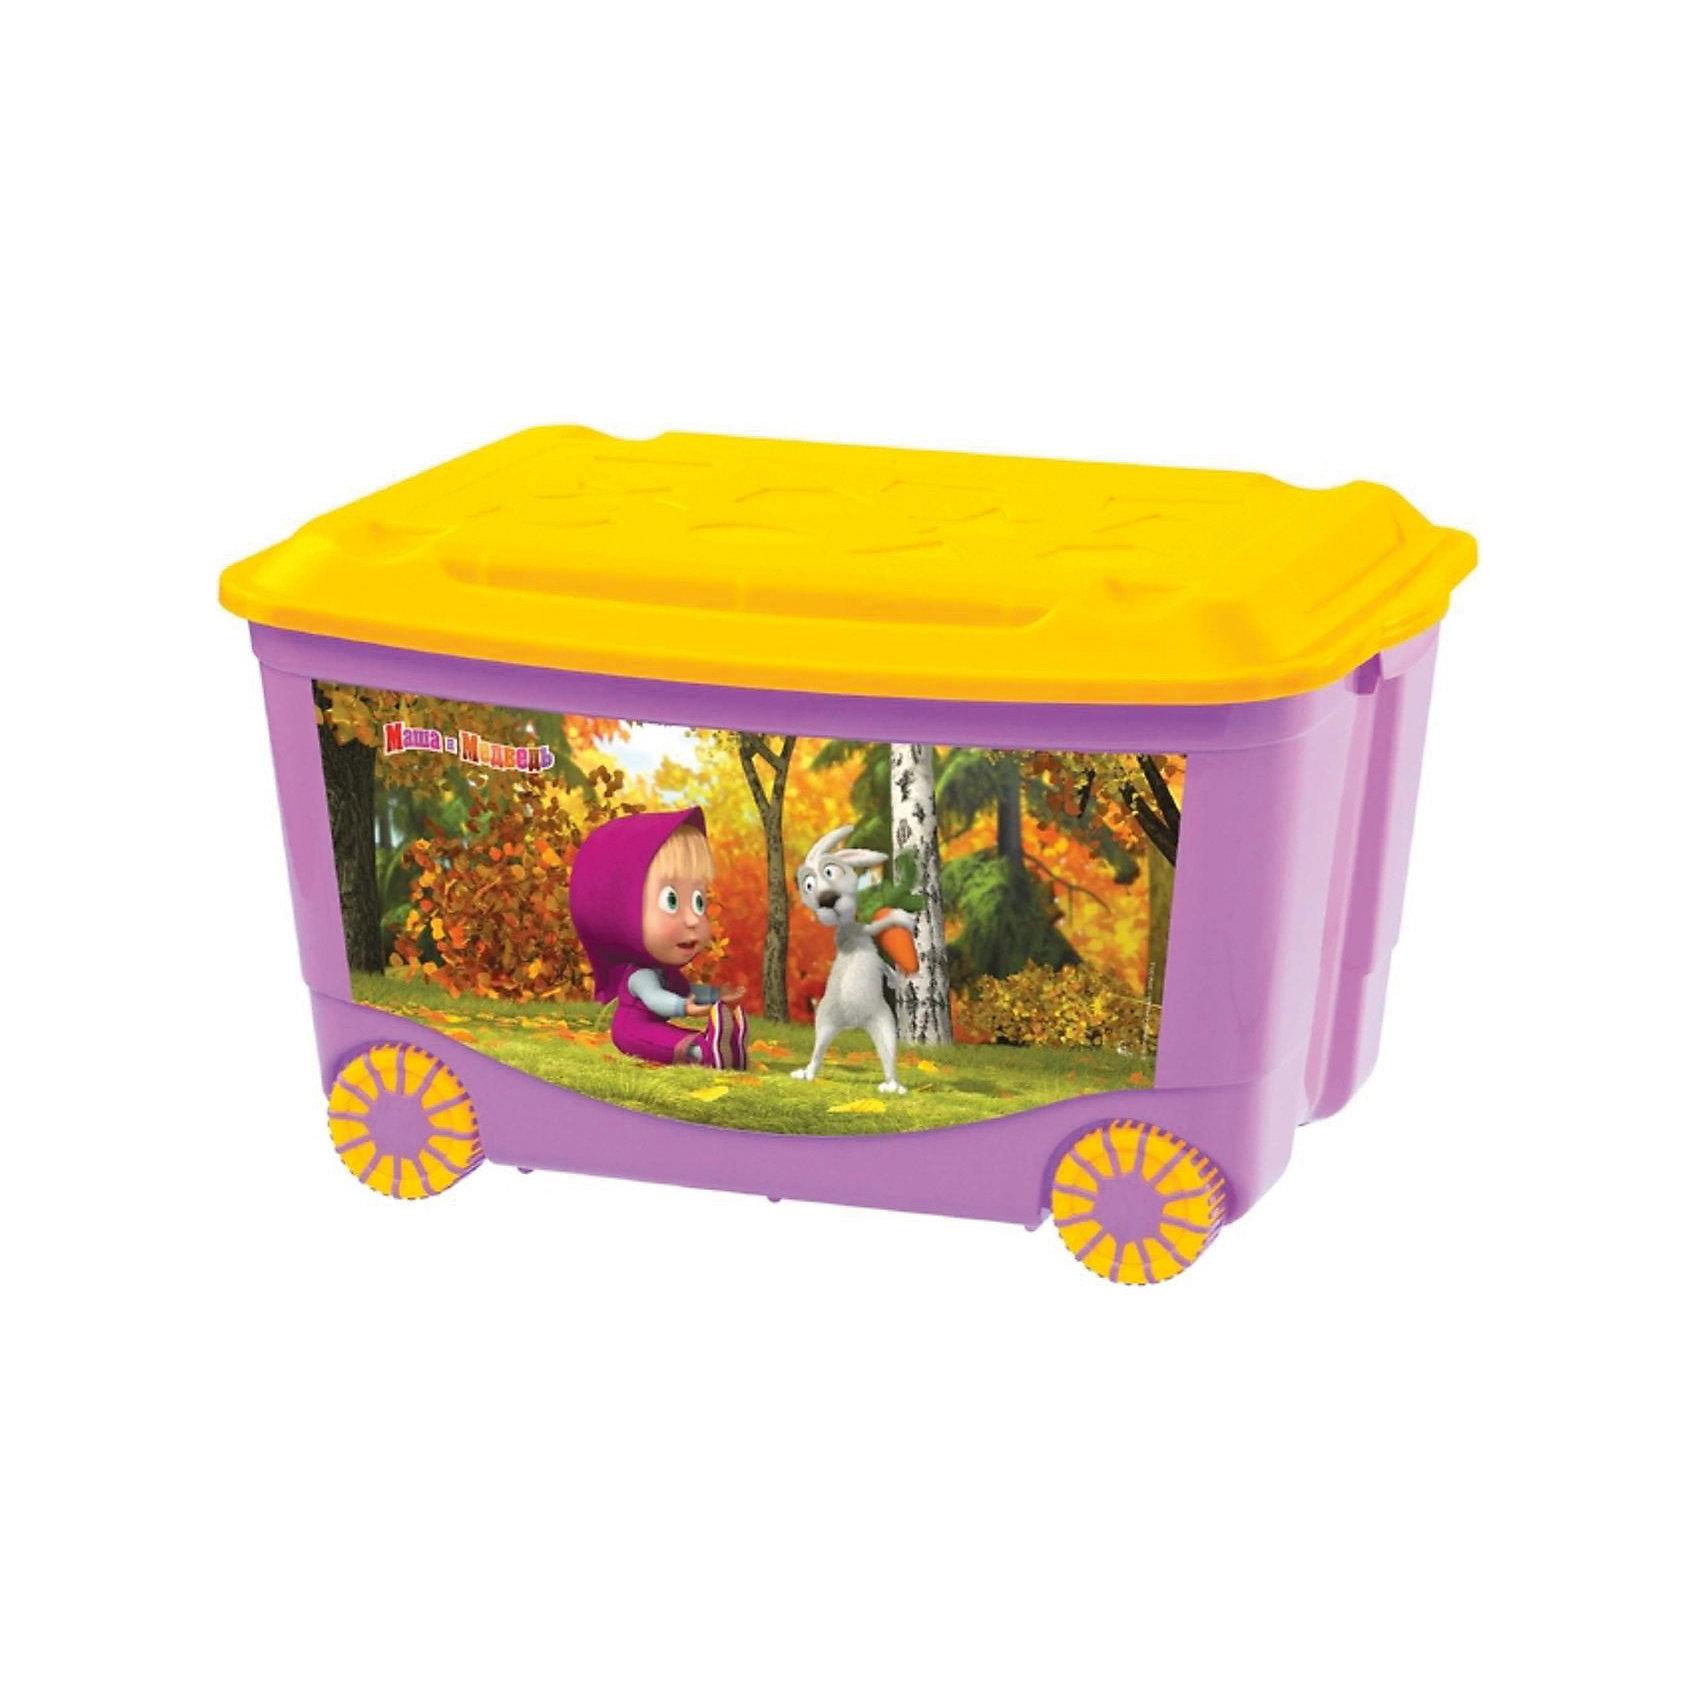 Ящик для игрушек на колесах 580*390*335 Маша и Медведь, Пластишка, коралловыйЯщик для игрушек на колесах 580*390*335 Маша и Медведь, Пластишка, коралловый – приучаем к уборке вместе с любимой героиней мультфильма.<br>Контейнер изготовлен из качественного пластика, не токсичен для малышей. Вместительный, но в тоже время очень компактный ящик с крышечкой. Подойдет для упаковки игрушек, одежды, аксессуаров. Благодаря колесикам легко перемещается по комнате. Легкое скольжение позволит малышу самому привозить и увозить ящик.<br><br>Дополнительная информация: <br><br>- материал: полипропилен<br>- цвет: коралловый<br>- размер: 580*390*335 мм<br><br>Ящик для игрушек на колесах 580*390*335 Маша и Медведь, Пластишка, коралловый можно купить в нашем интернет магазине.<br><br>Ширина мм: 580<br>Глубина мм: 400<br>Высота мм: 630<br>Вес г: 1679<br>Возраст от месяцев: 12<br>Возраст до месяцев: 72<br>Пол: Женский<br>Возраст: Детский<br>SKU: 4972213